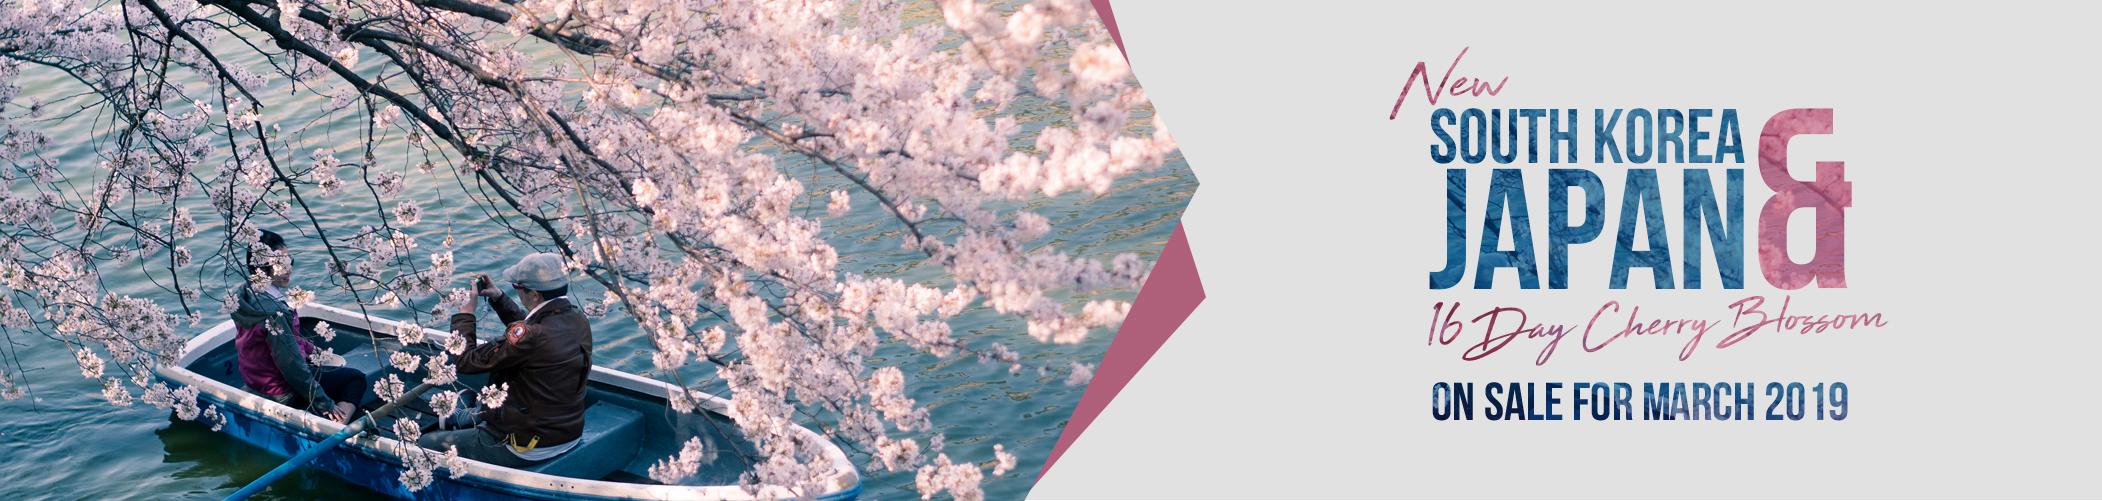 16 Day New Blossom Tour